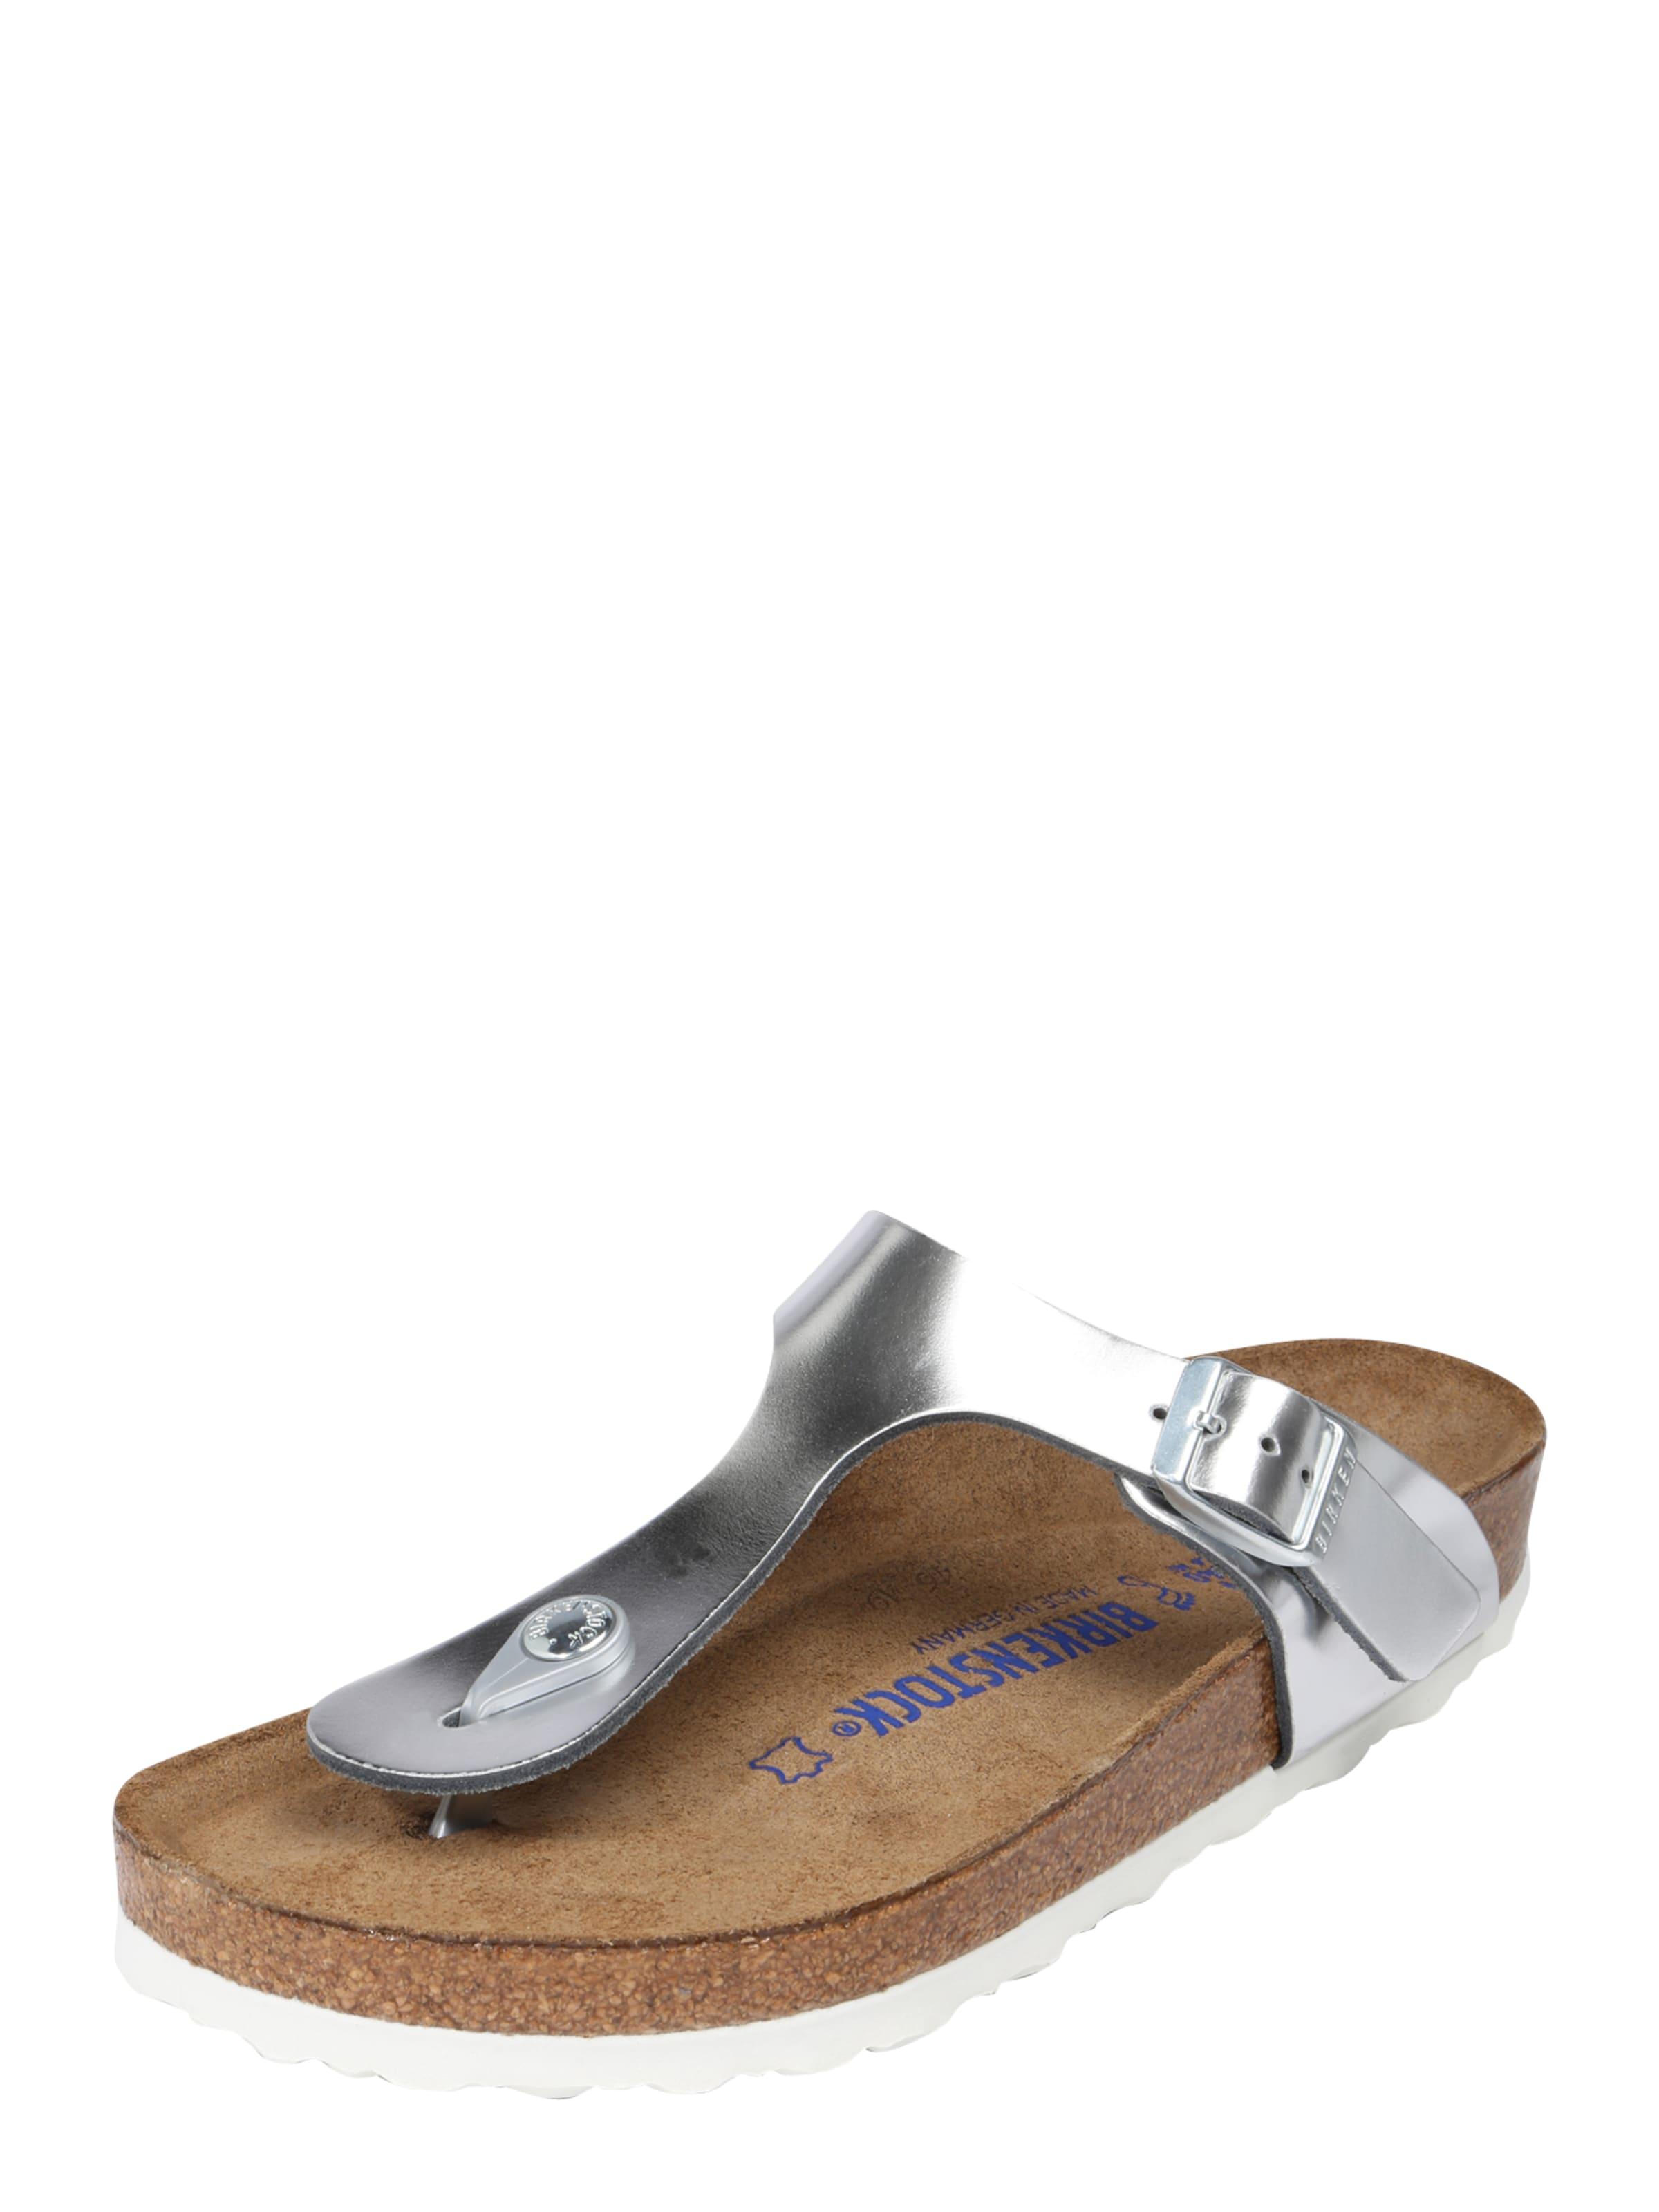 Sandale Birkenstock « Gizeh Sfb « Argent eaQApLPnI